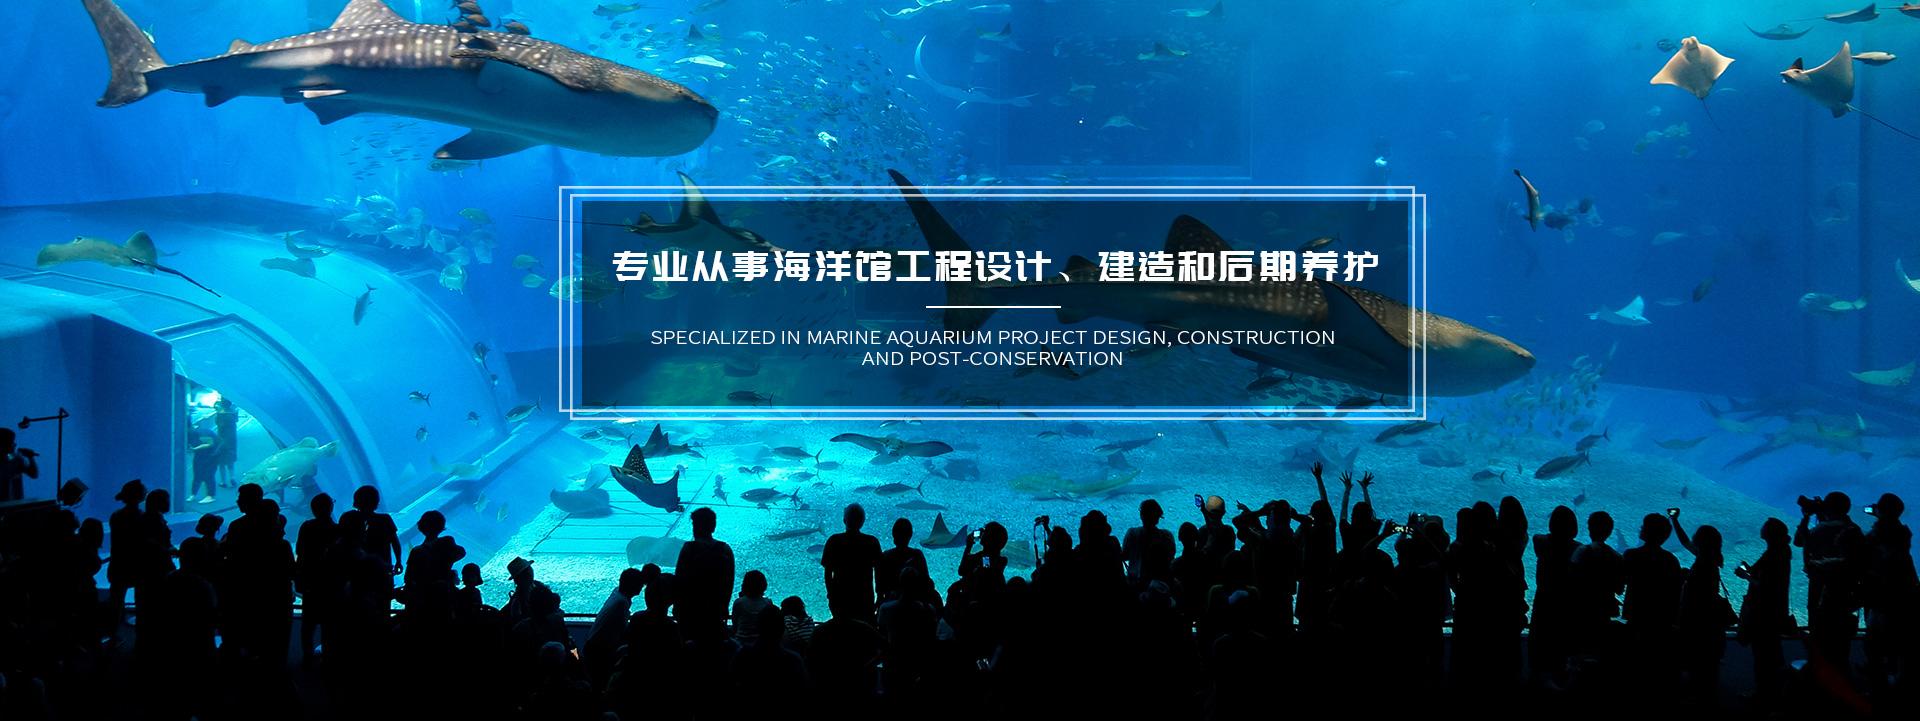 上海海洋水族馆设计